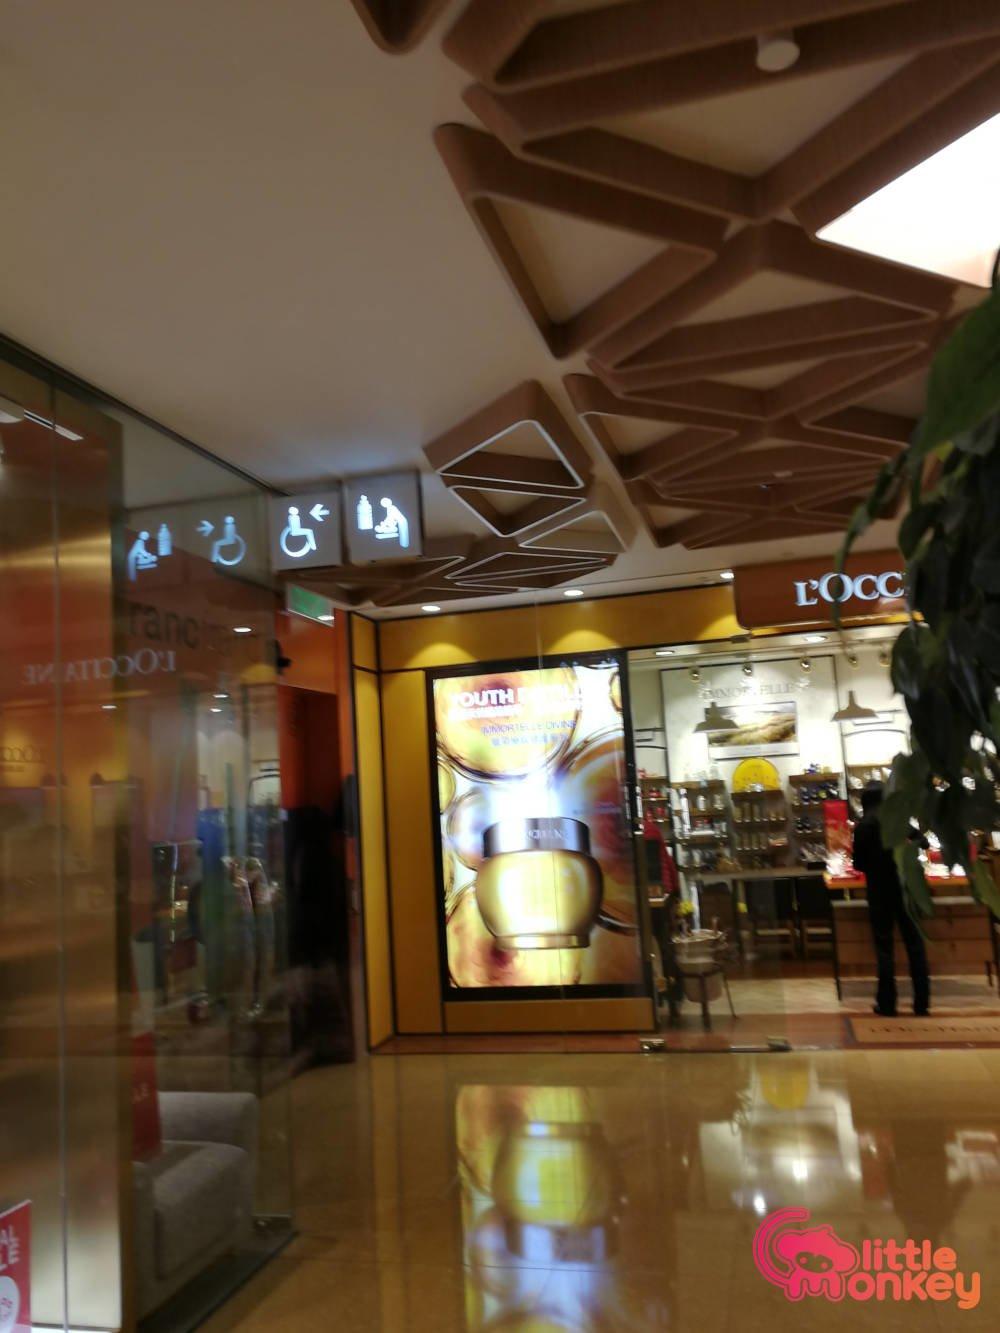 Cityplaza's mall signage near L'OCCITANE